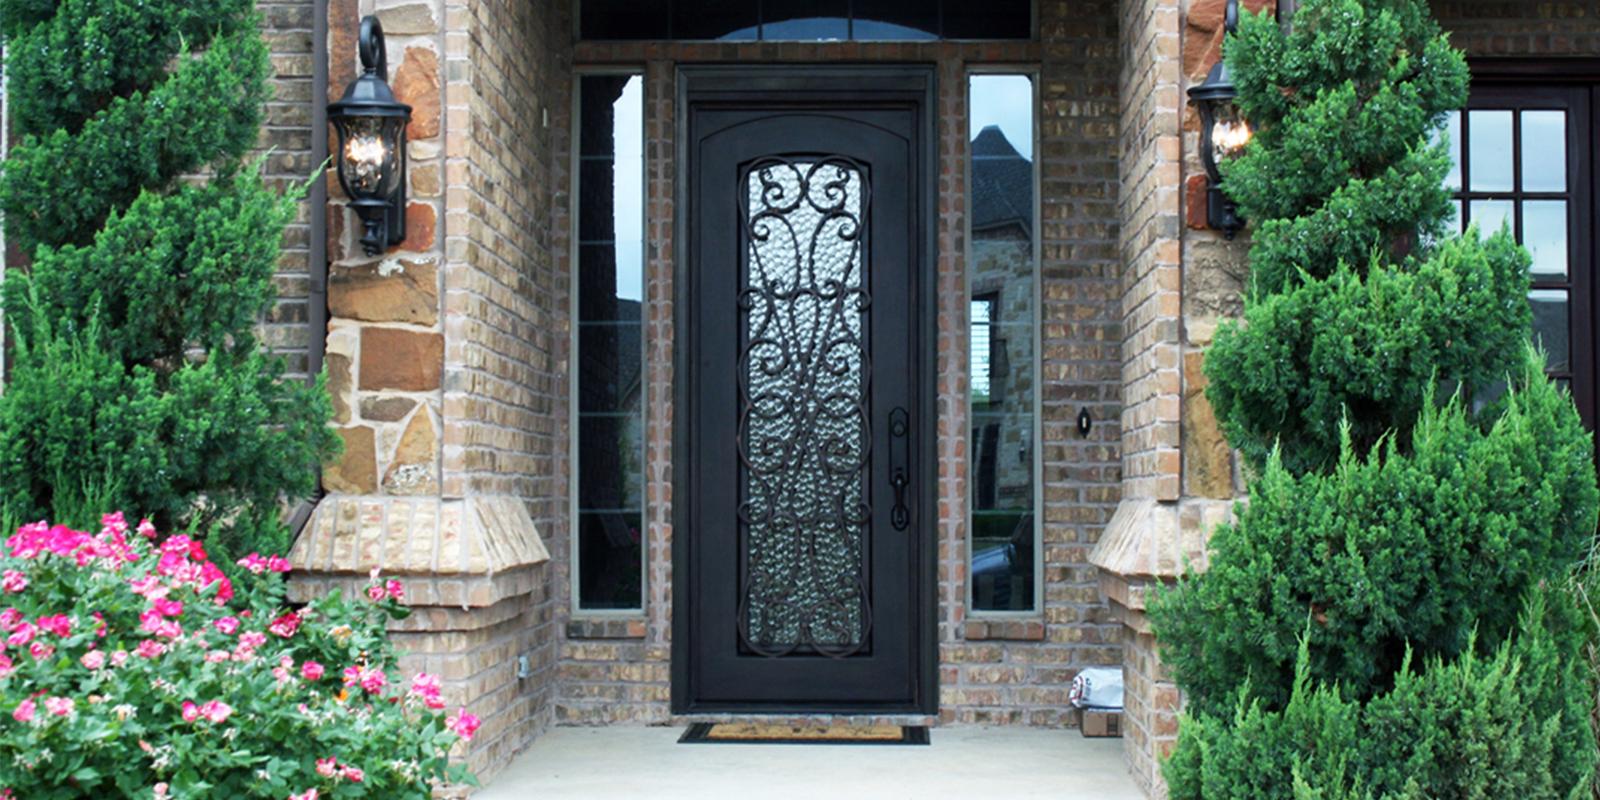 Dallas Door Designs | Wood Doors, Barn Doors, Iron Doors in Dallas, TX